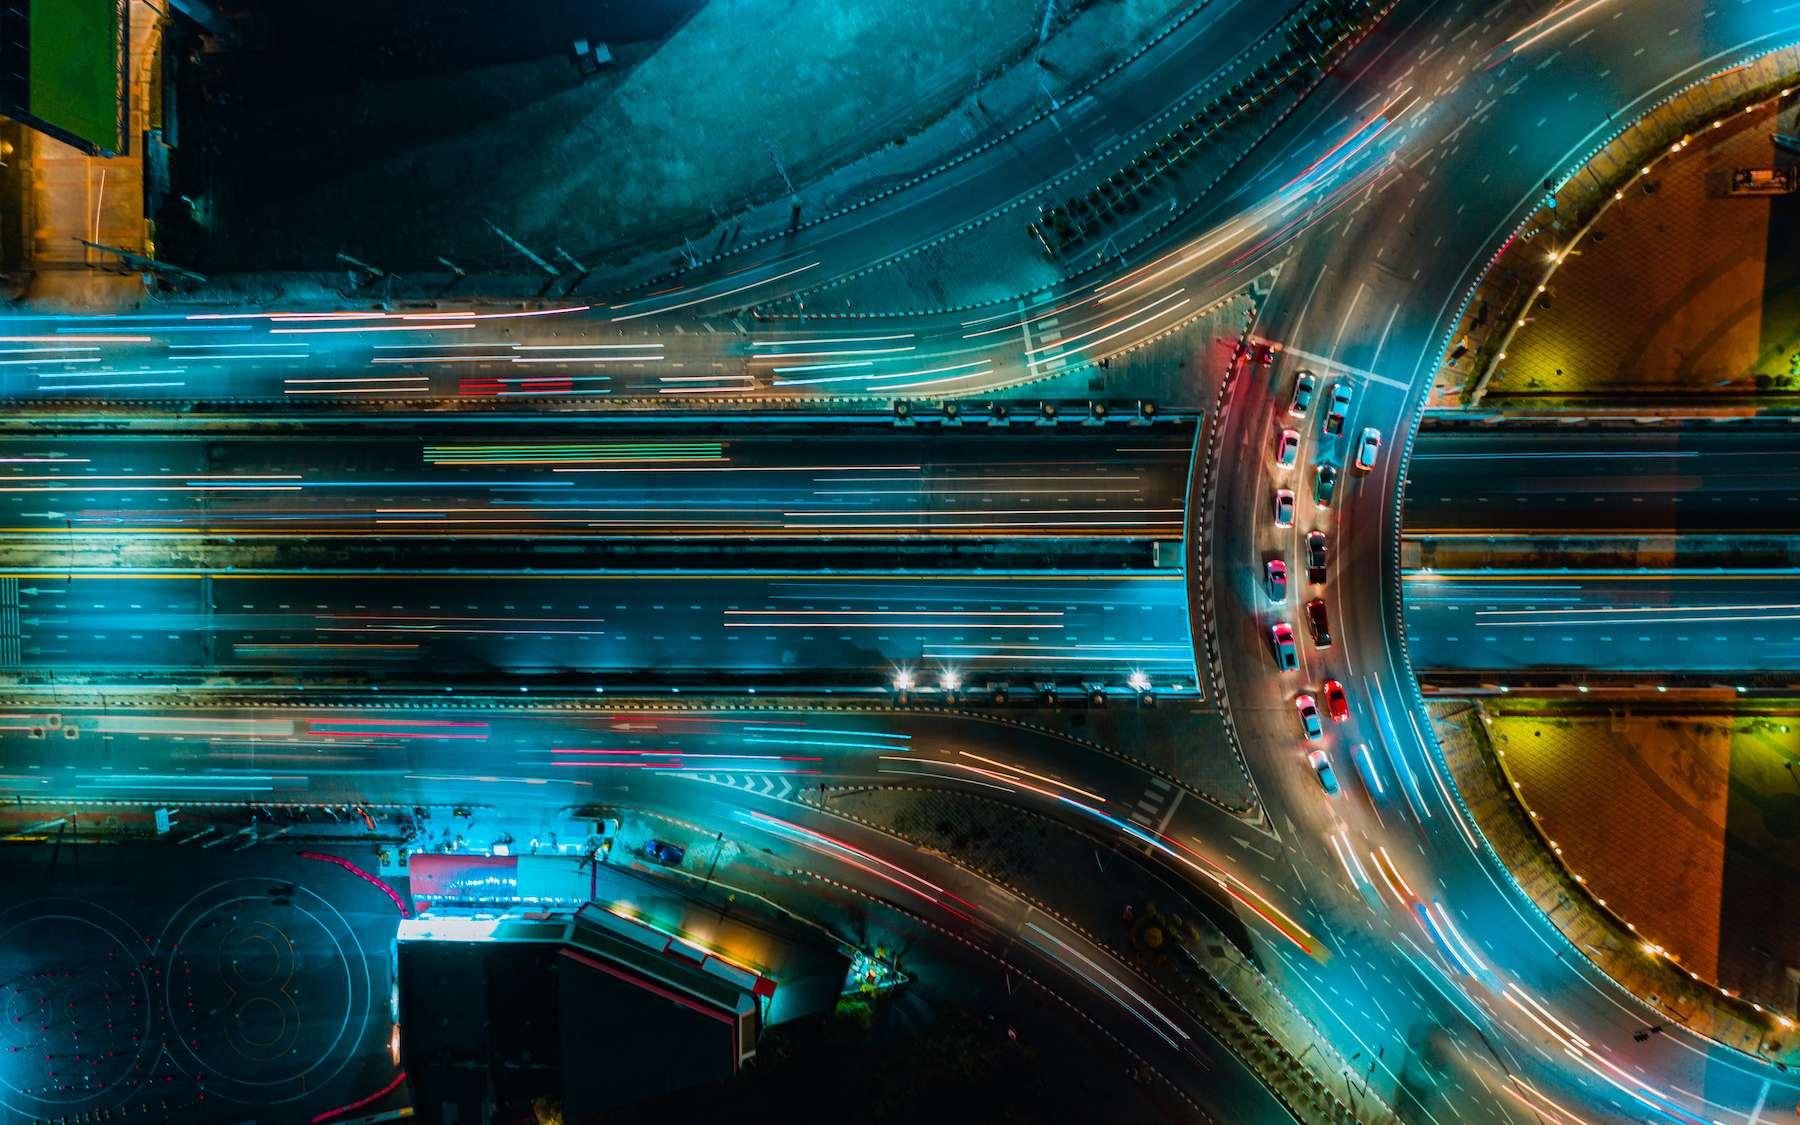 Comment les transports propres vont redessiner la ville de demain. © Surapol Usanakul, Adobe Stock